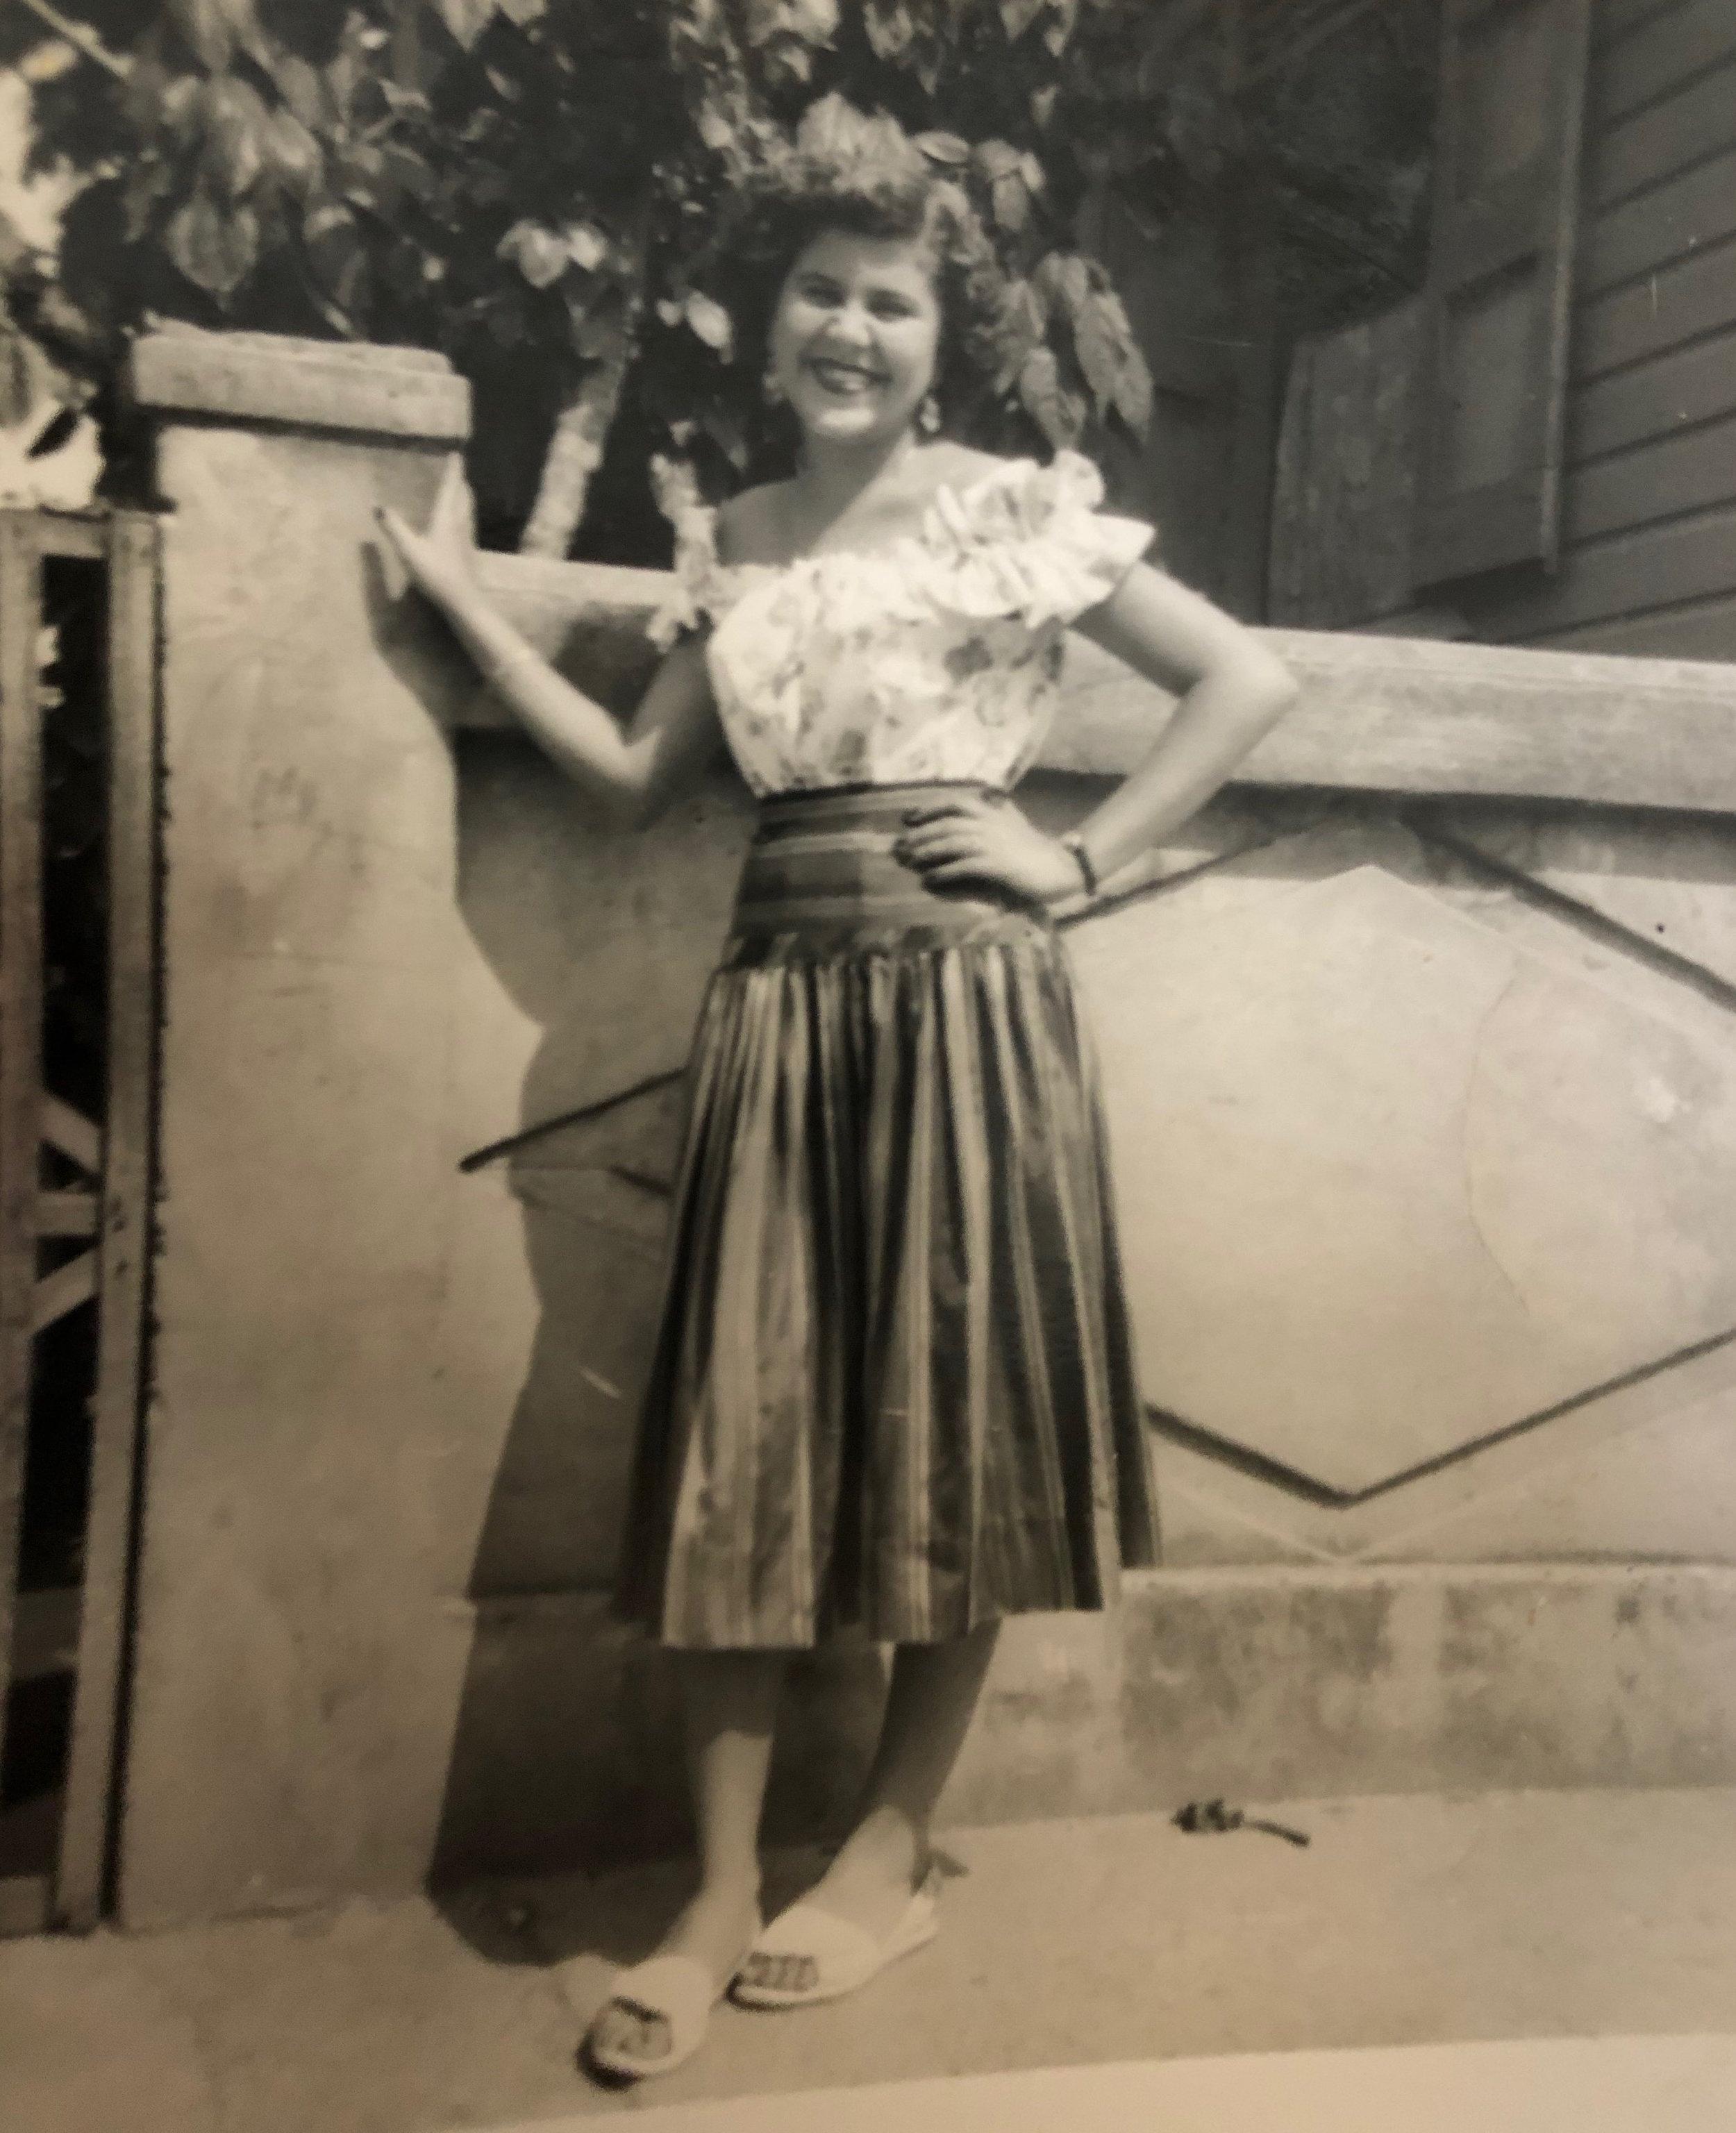 Abuela crucita - puerto Rico (1950's)